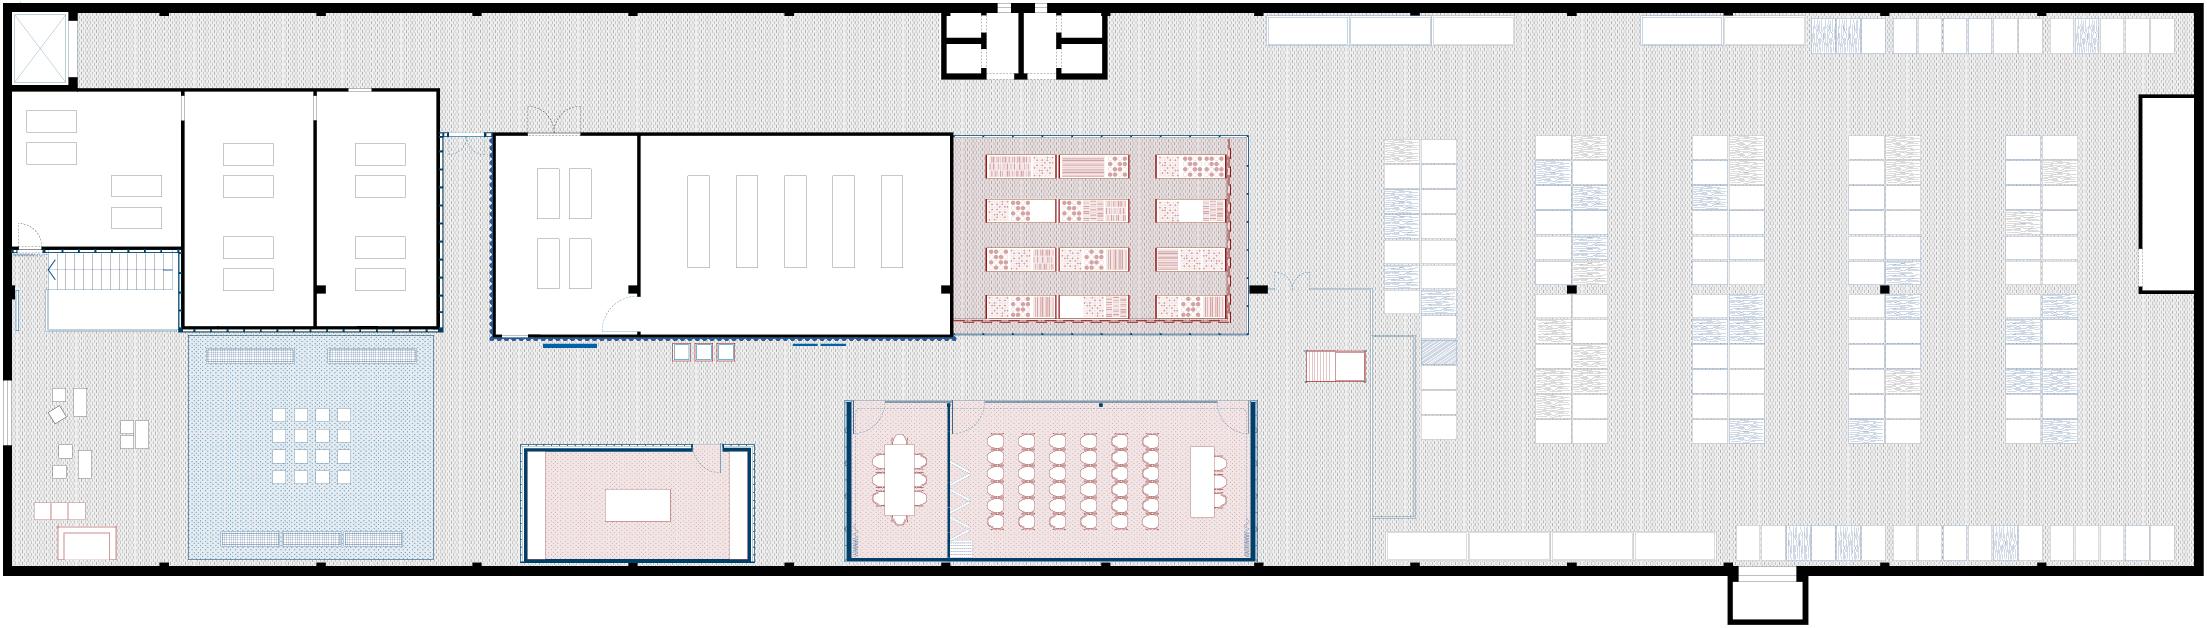 Targetti HUB, TH01, Florence, Allestimento, Interior Design, Deferrari Modesti, Targetti